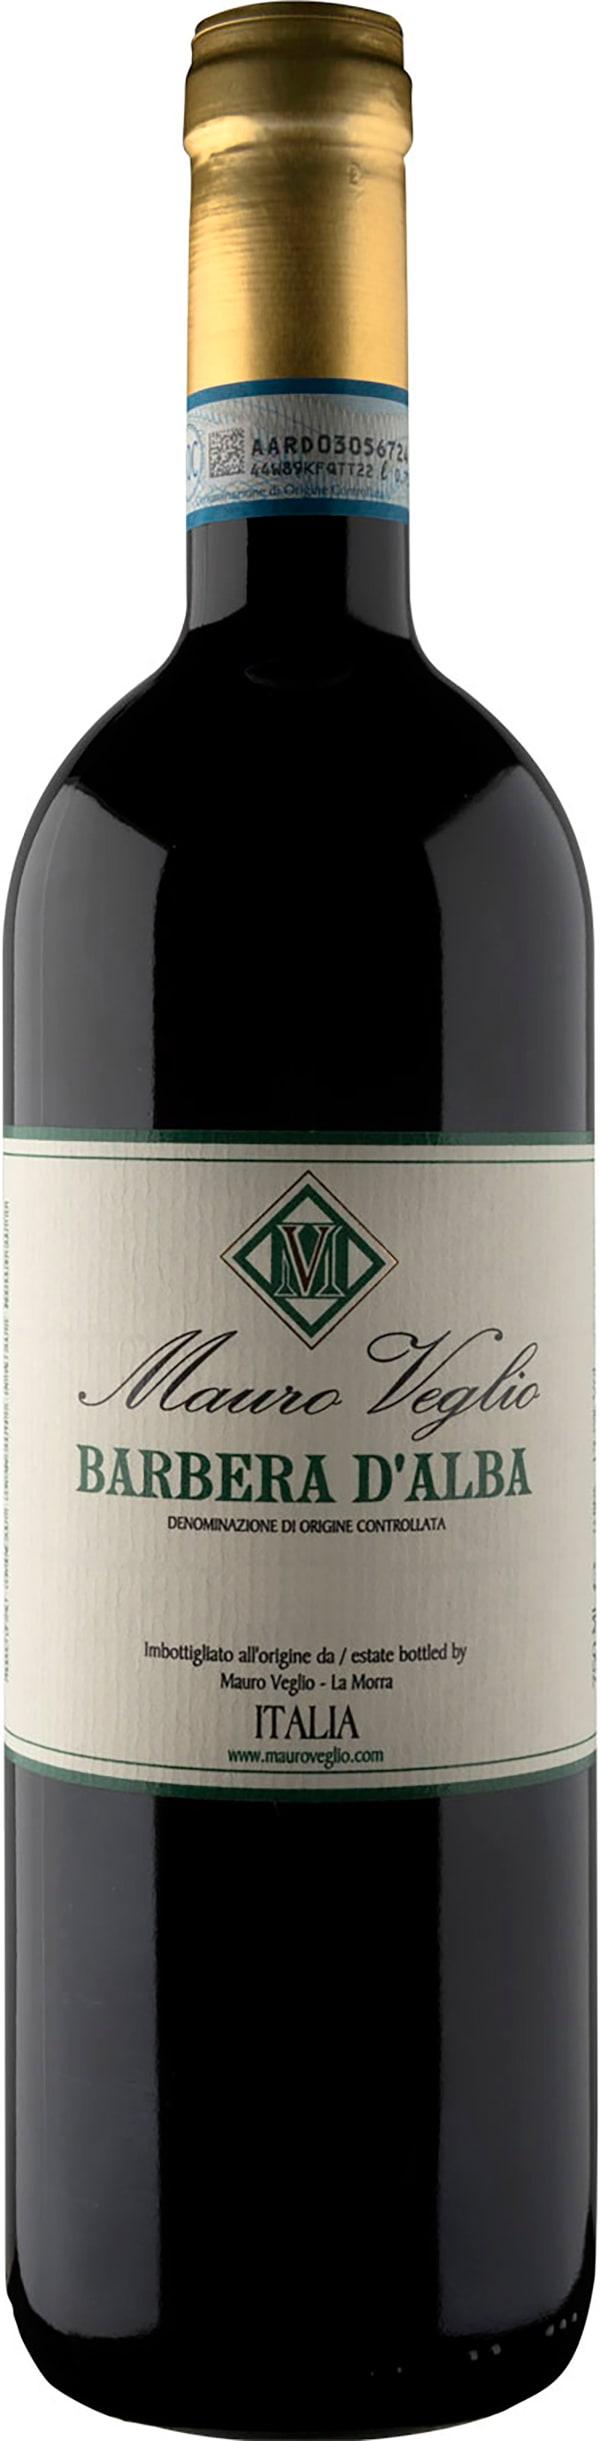 Mauro Veglio Barbera d'Alba 2018